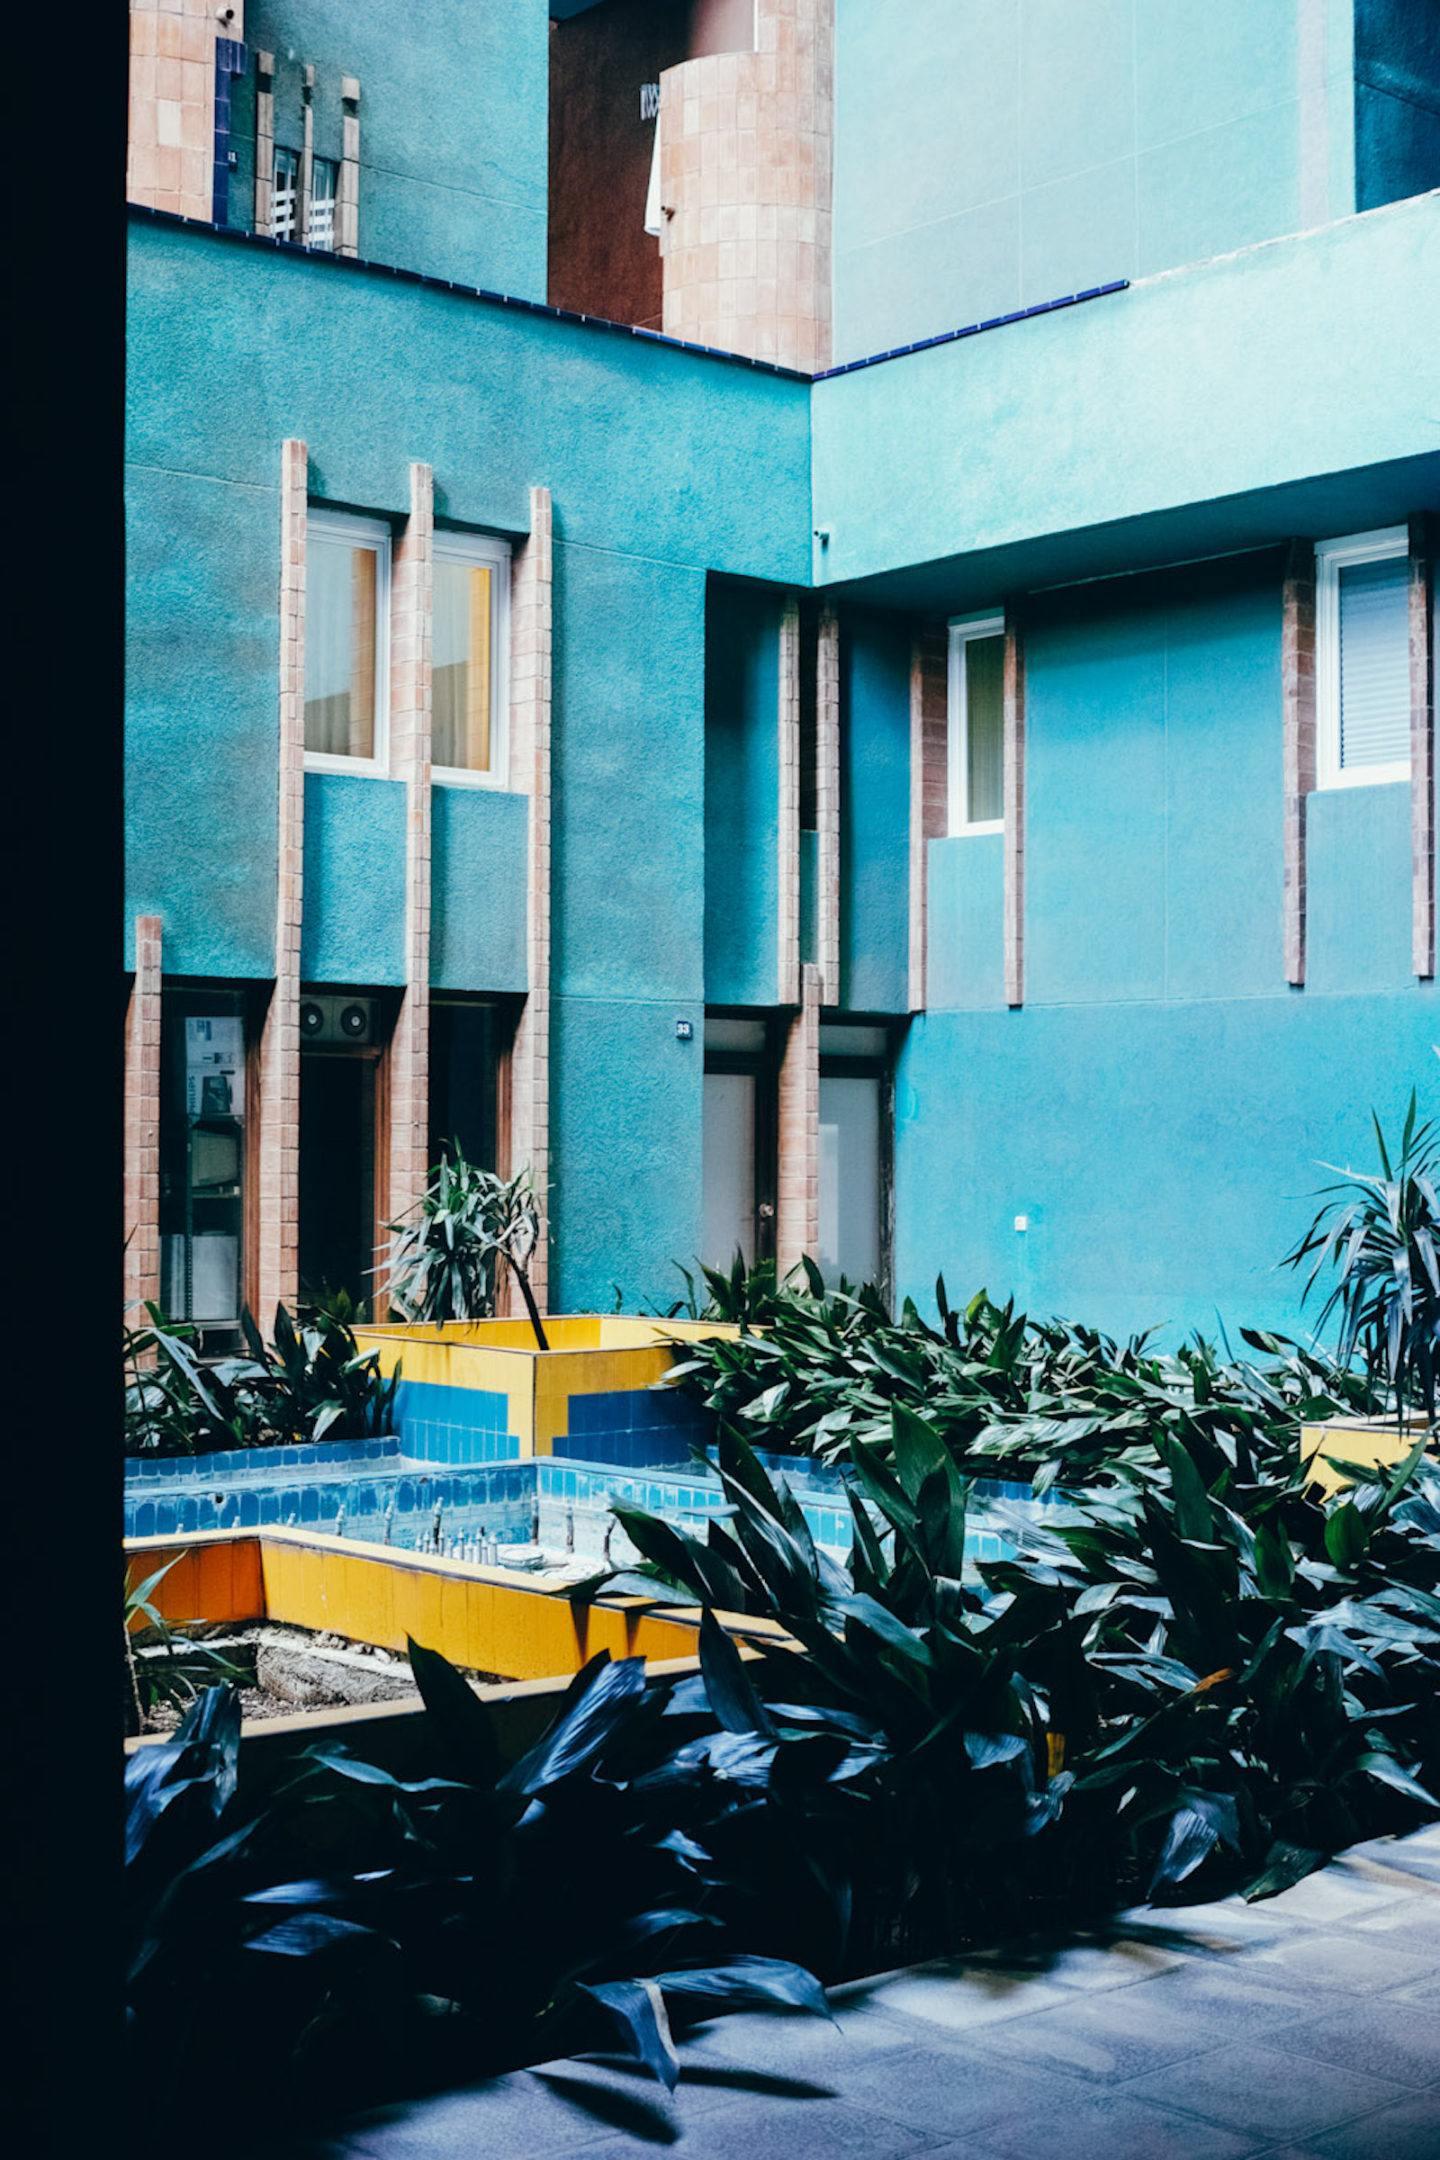 iGNANT-Architecture-Ricardo-Bofill-Walden7-012